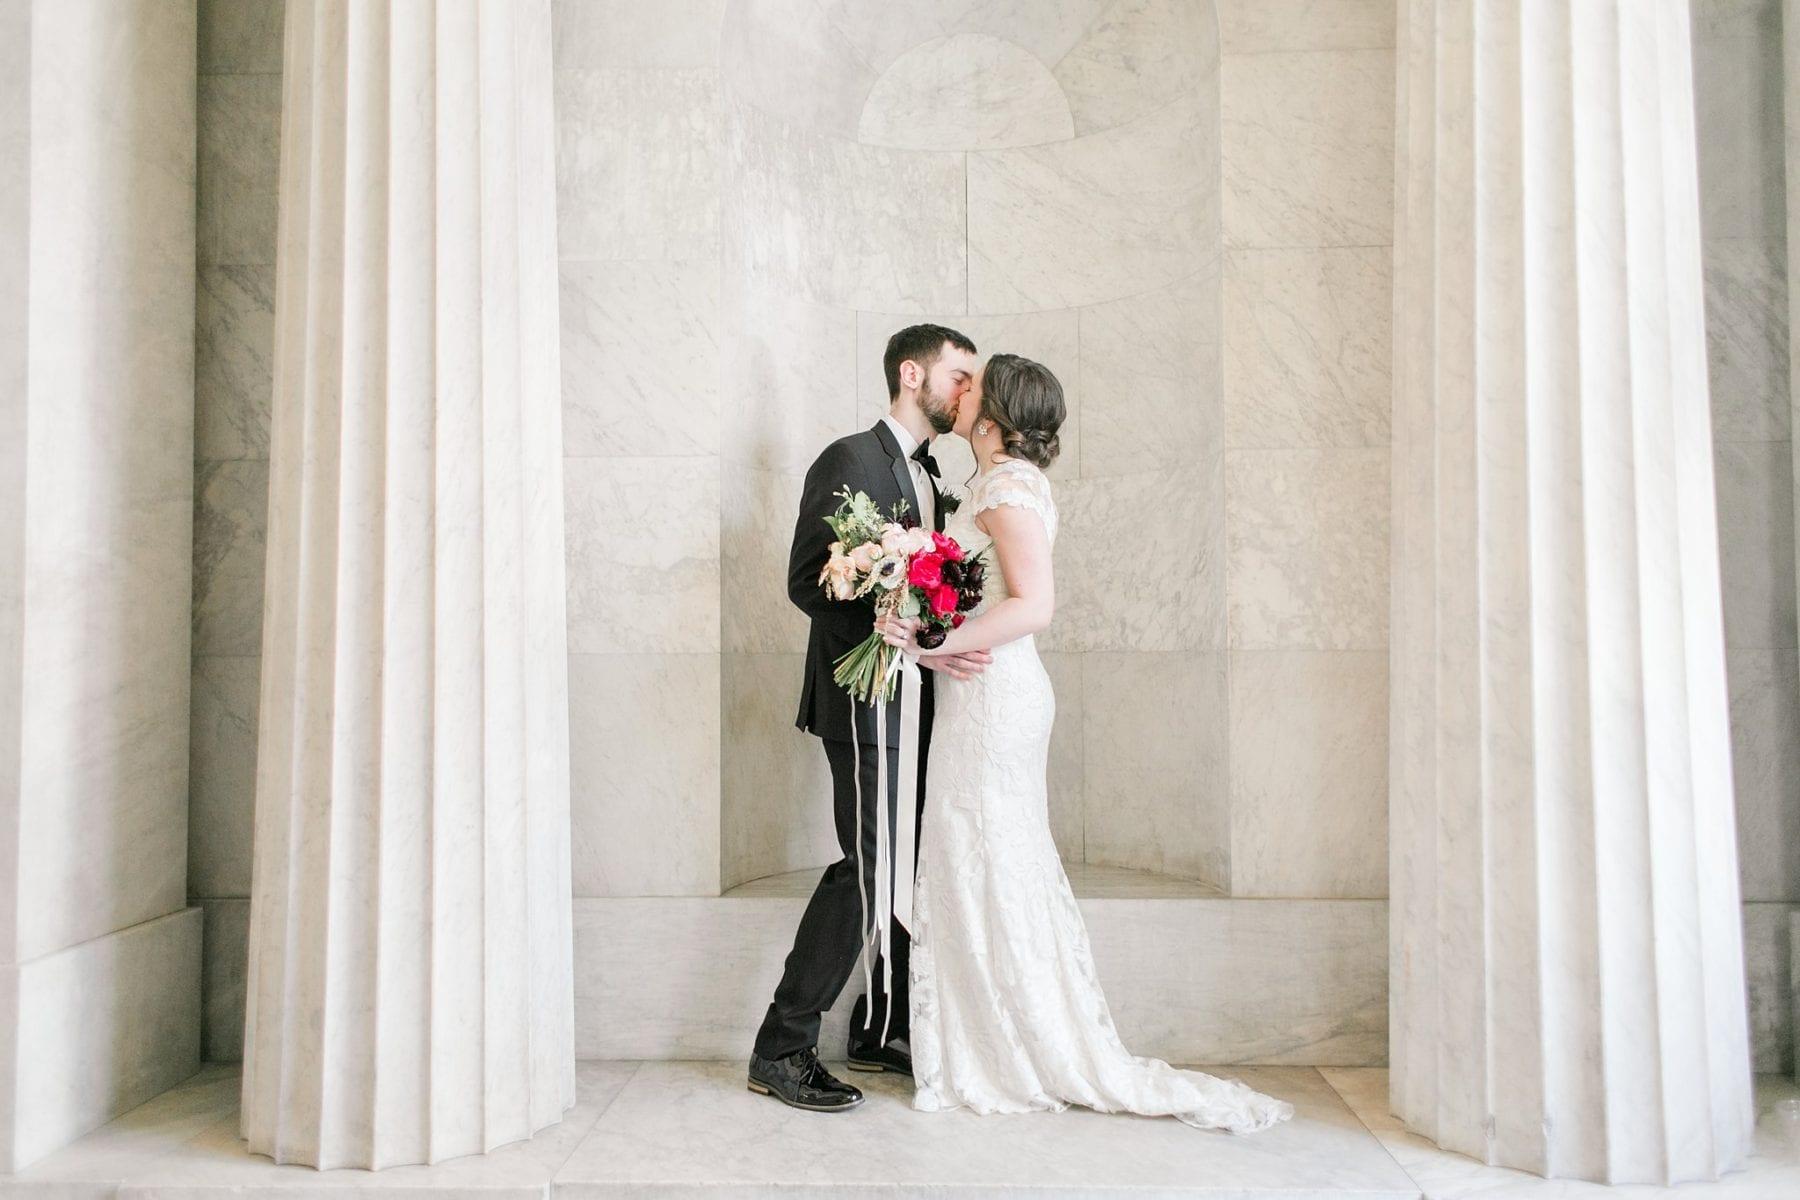 Hotel Monaco Washington DC Wedding Photos Megan Kelsey Photography Erin & Mike -84